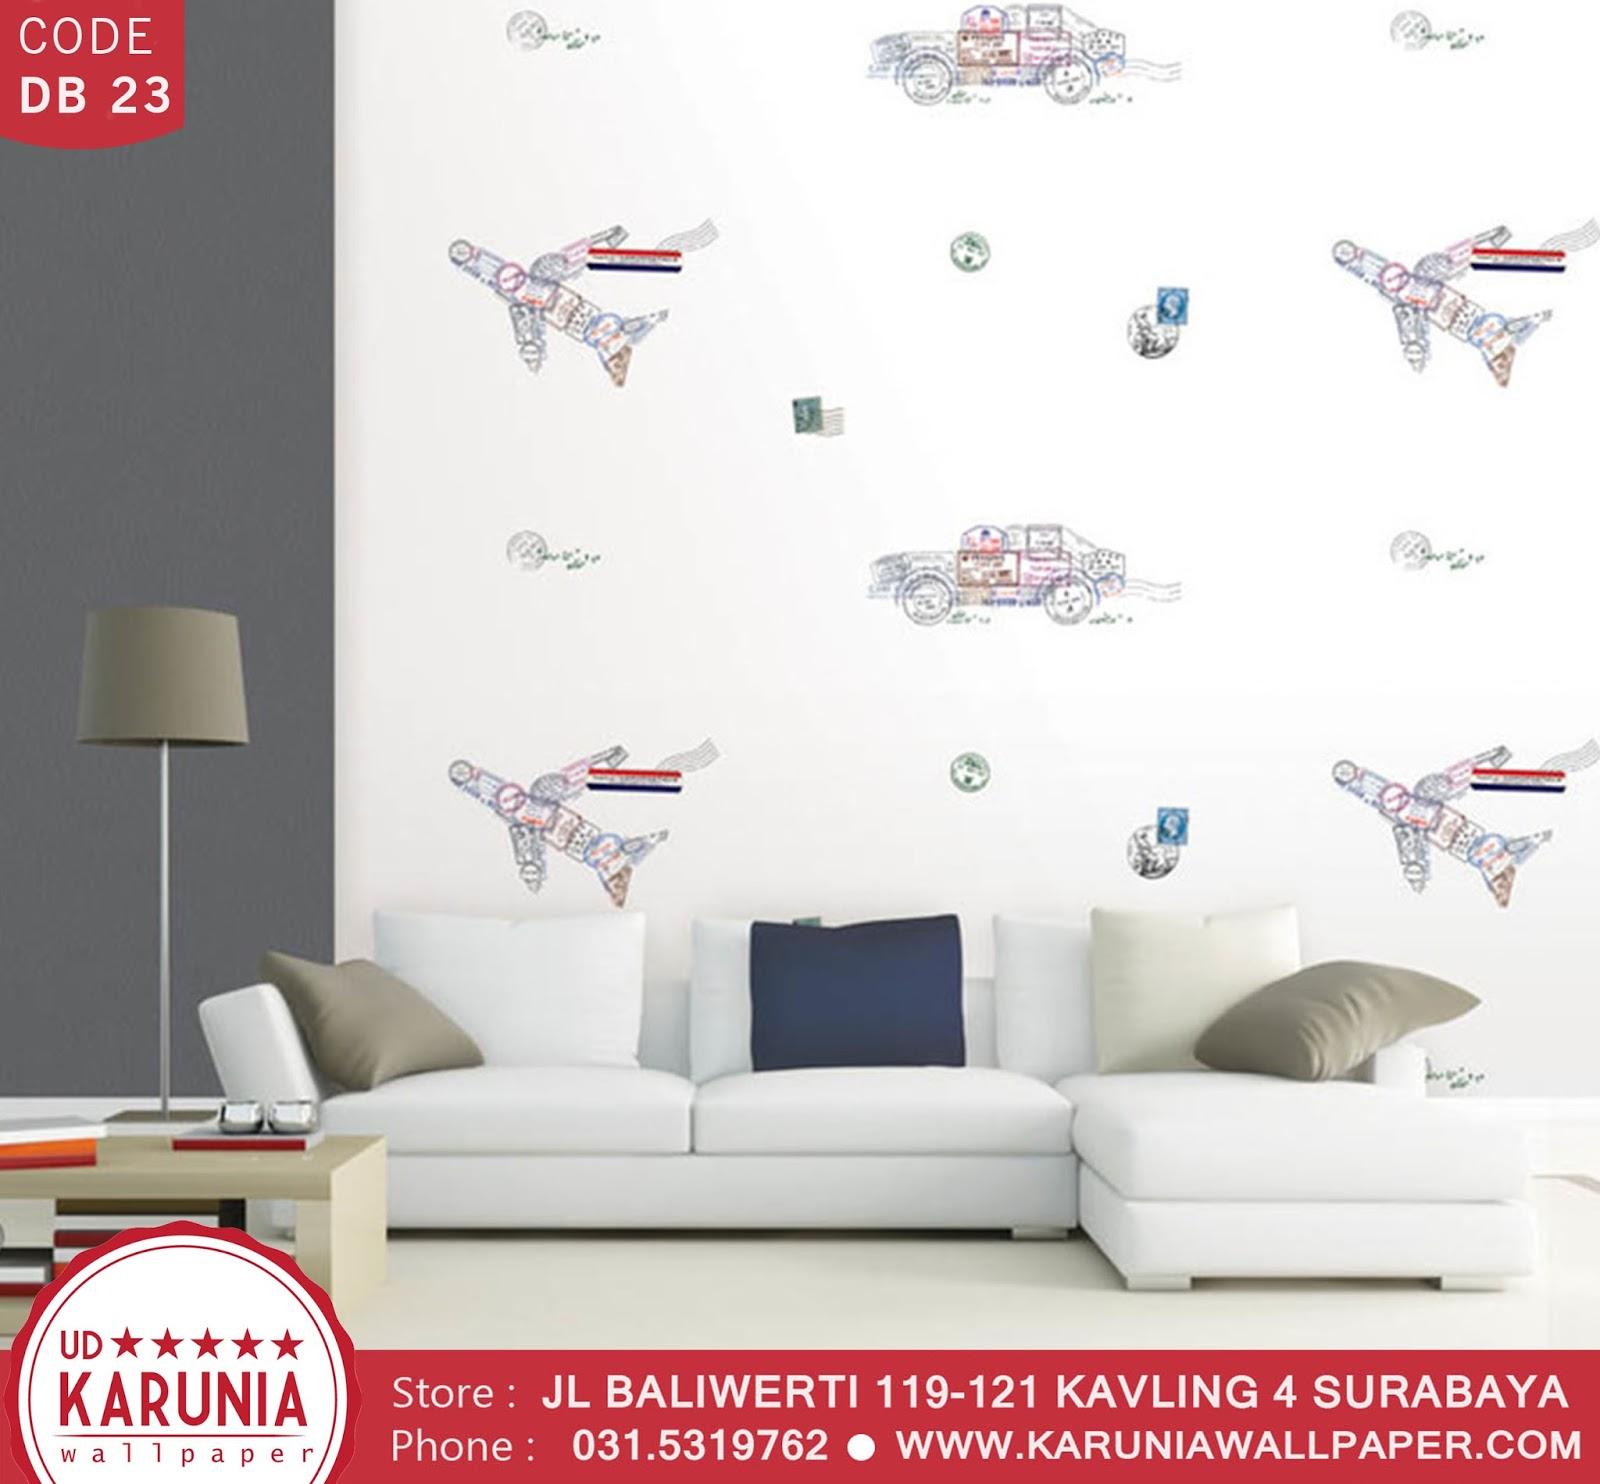 toko jual wallpaper anak karuniawallpaper